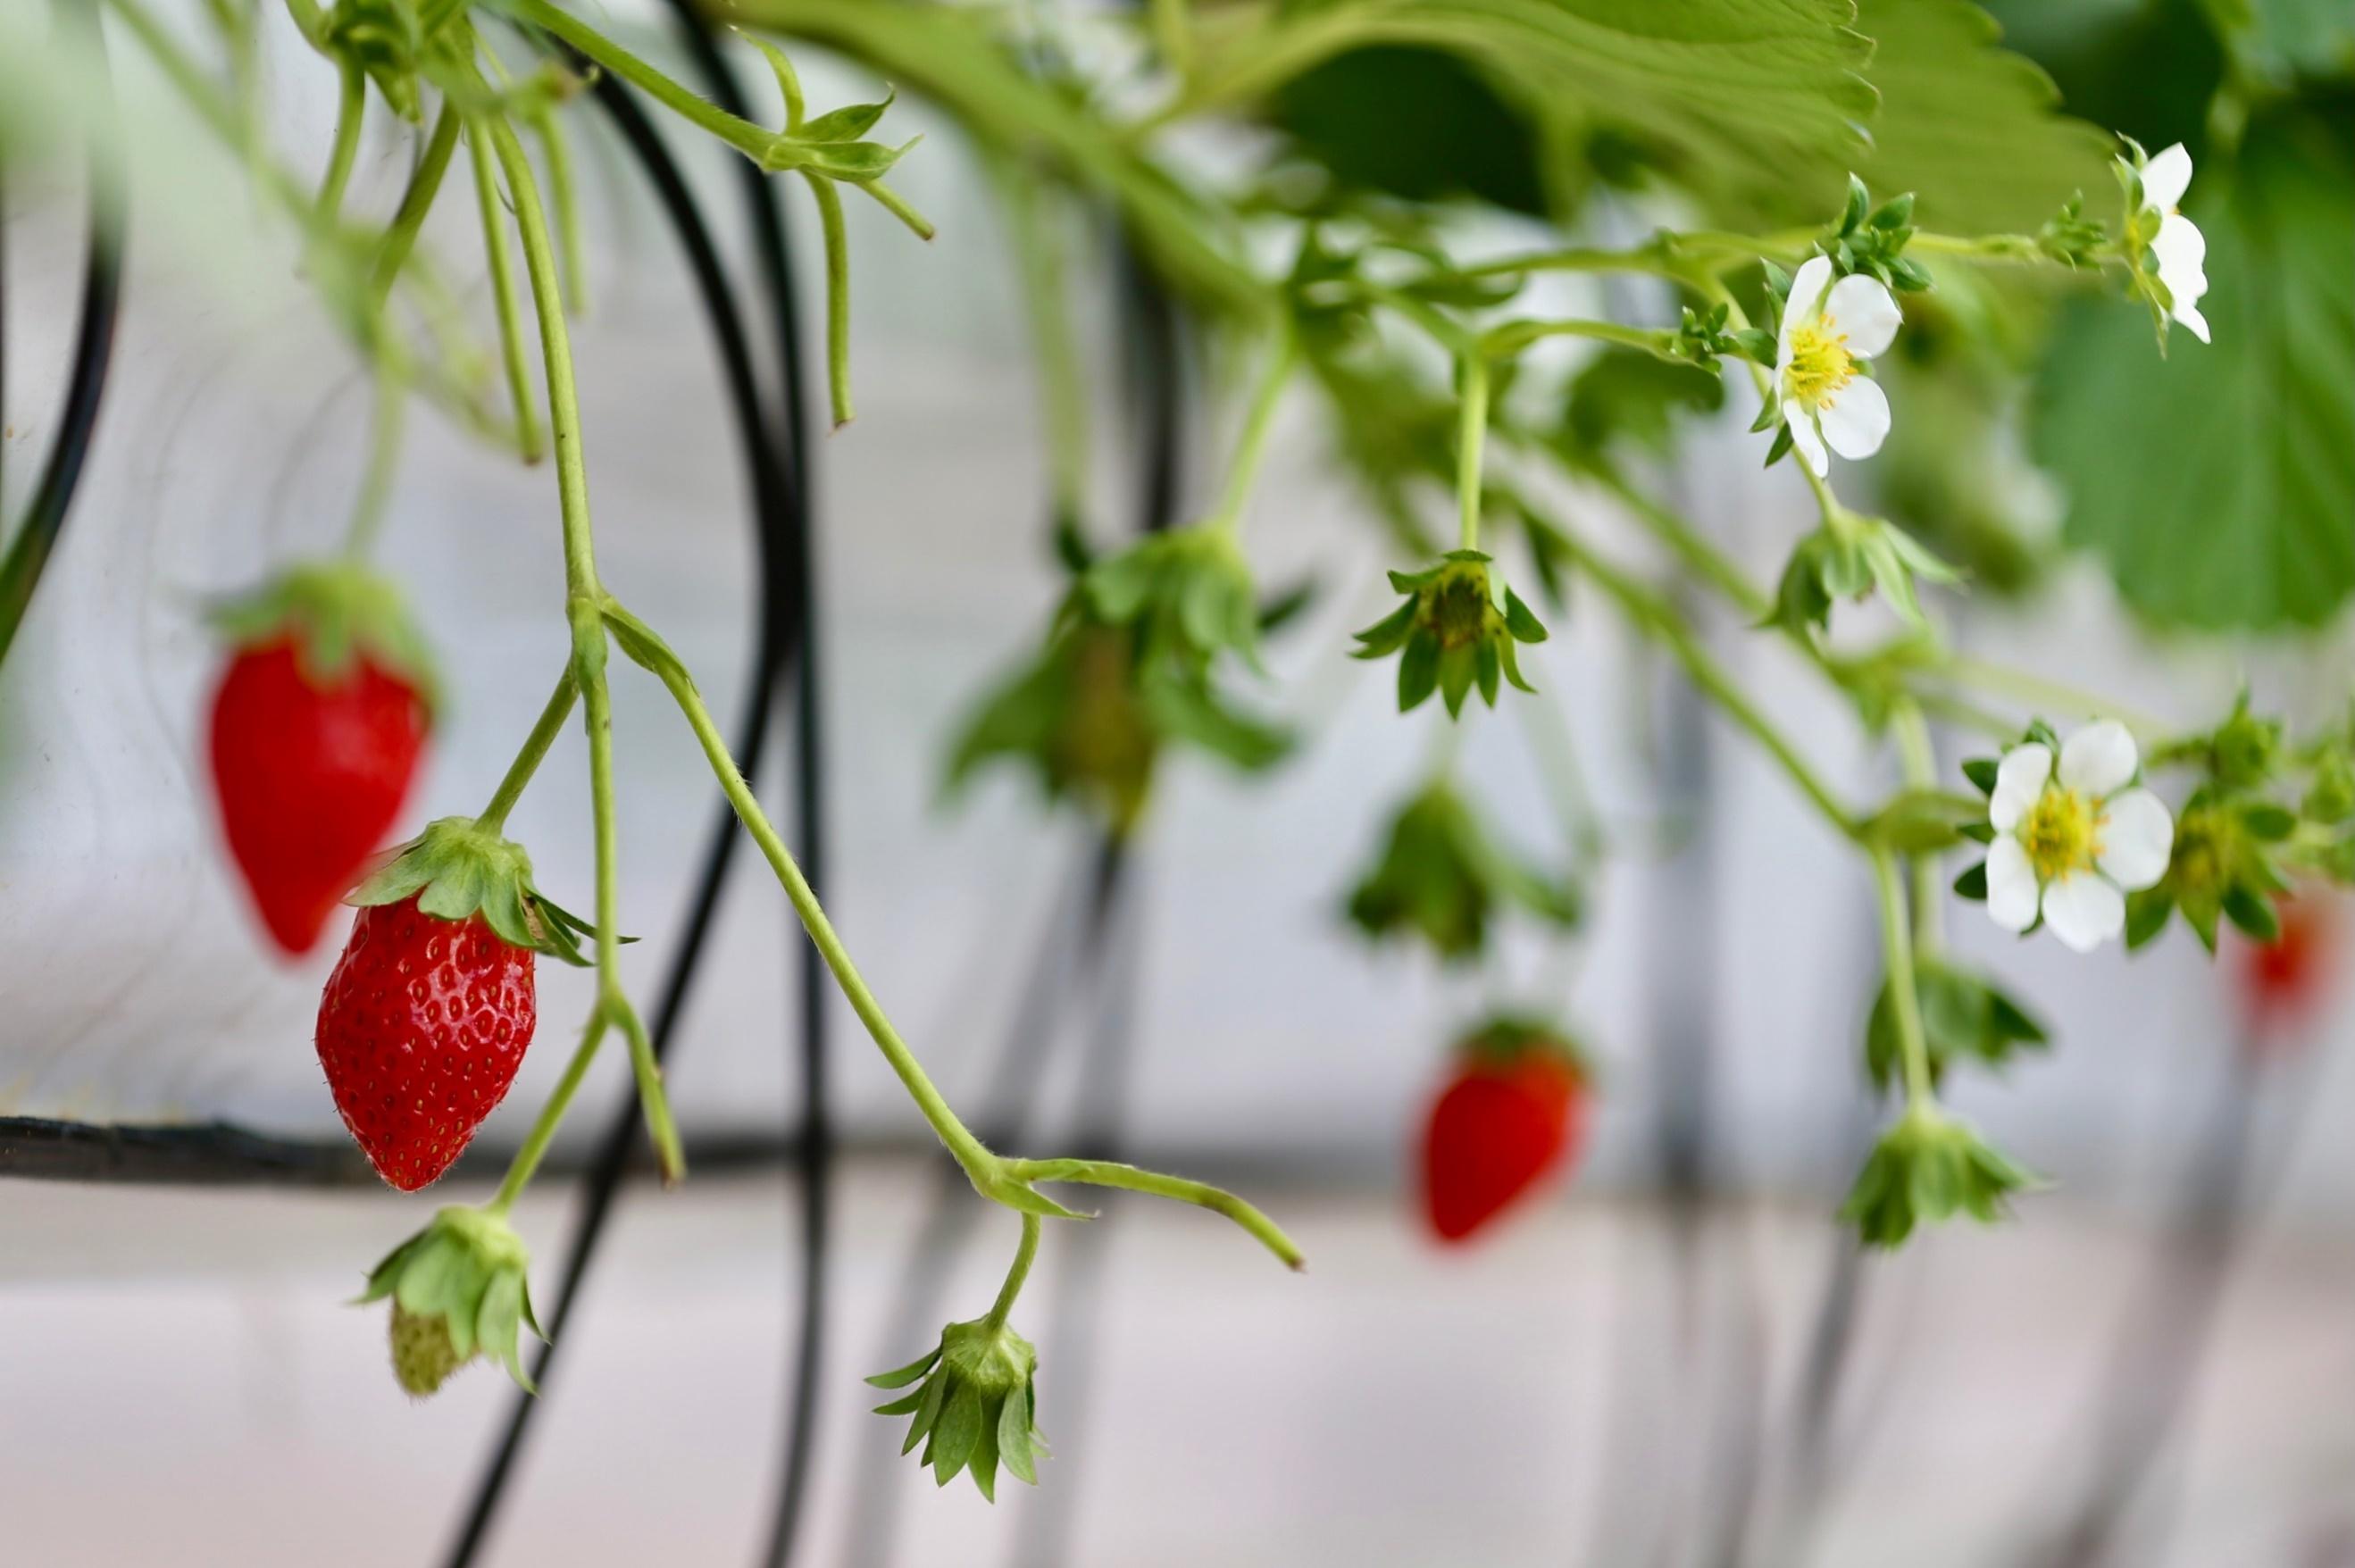 首届草莓AI种植比赛过半:人工智能队领先顶尖农人队